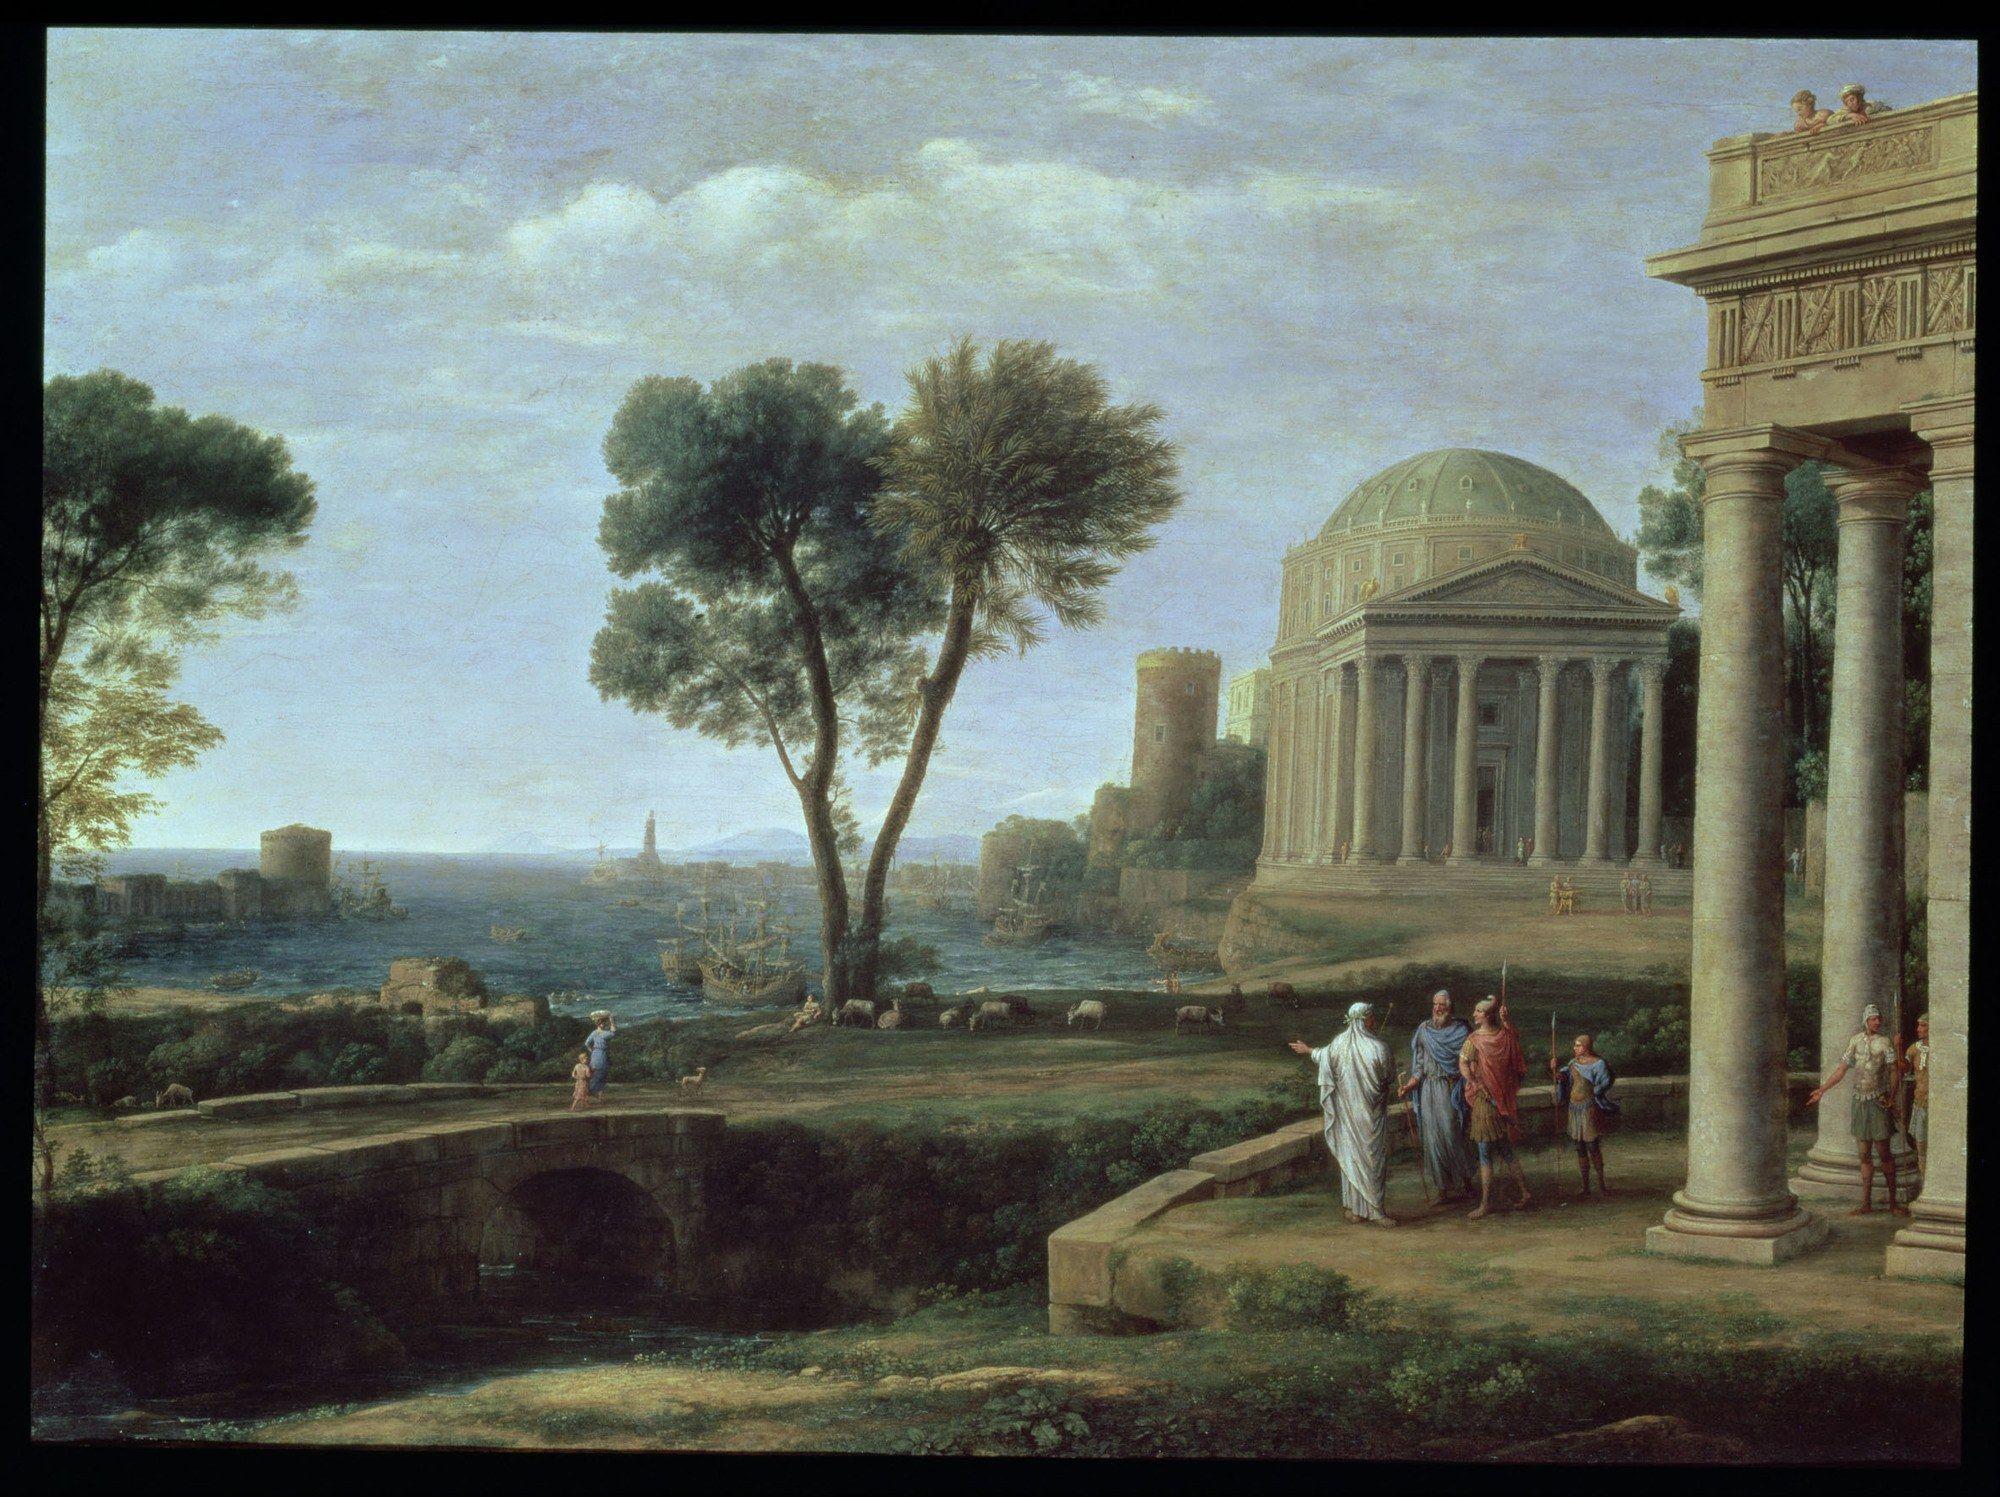 Le Classicisme Dans La Peinture De Paysage 3 Classicisme Origine Et Definition La Notion De Classicisme Histoire De La Peinture National Gallery Paysage